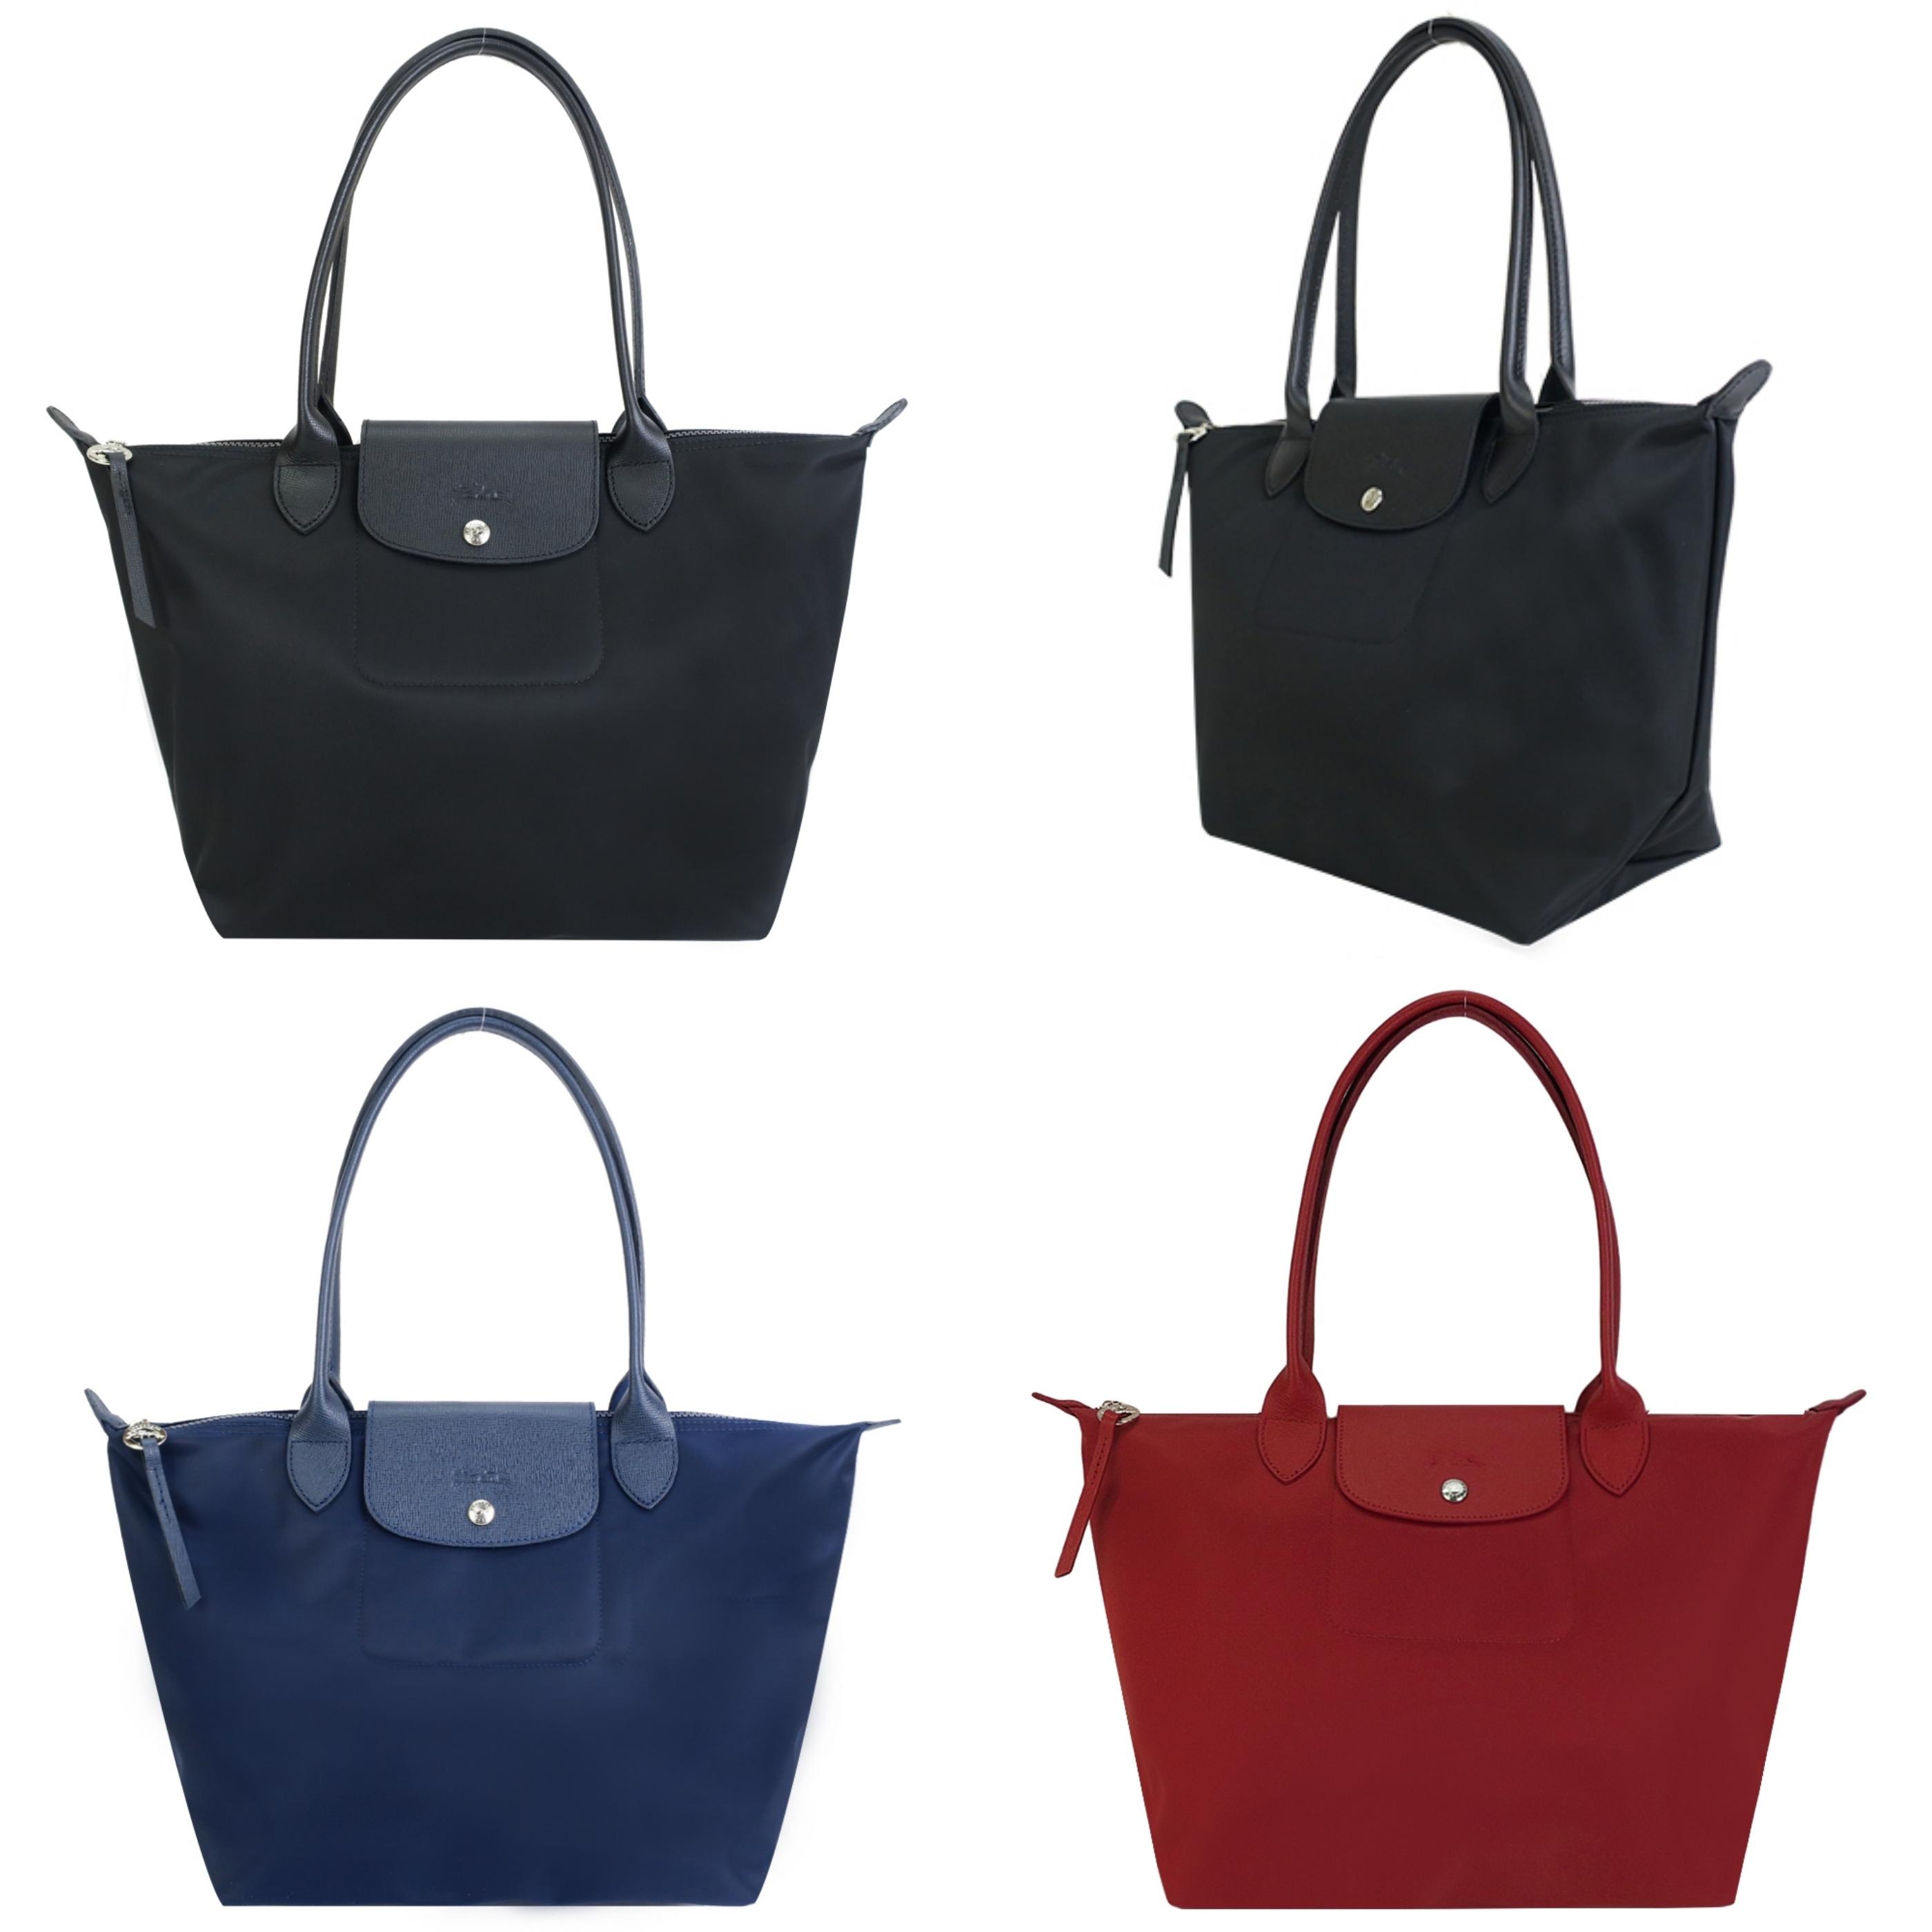 LONGCHAMP LE PLIAGE NÉO系列新款厚尼龍長把肩背水餃包(小) 高雅輕巧隨身包款,具強烈個性風格的時尚單品